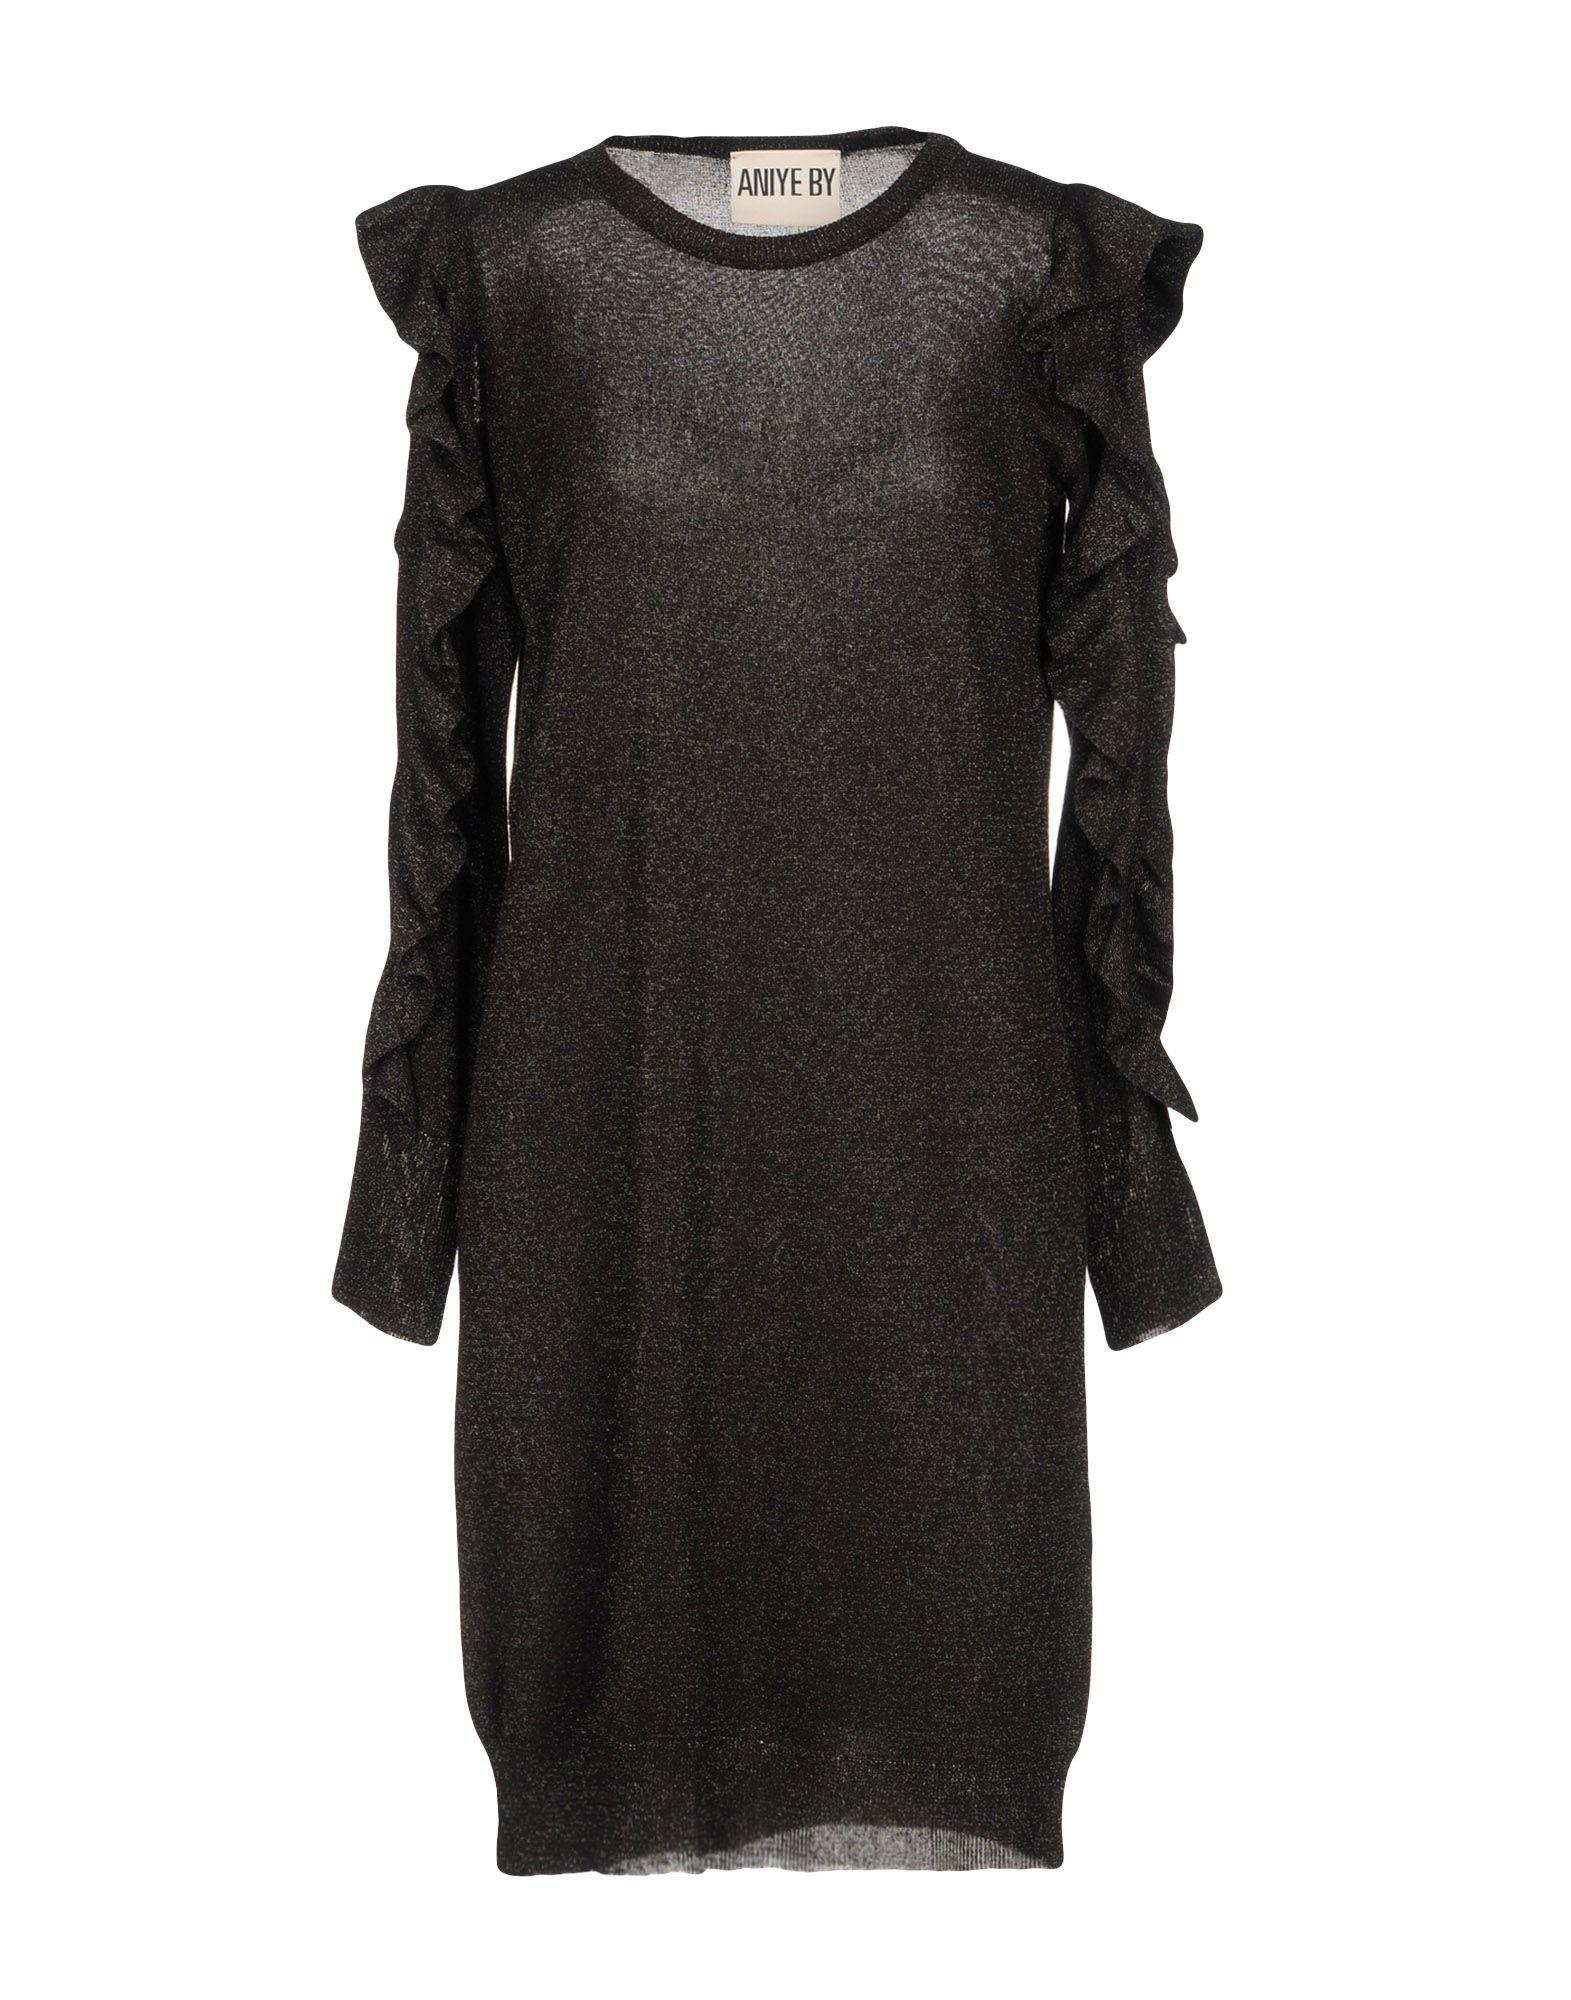 Vestito Corto Aniye By Donna - Acquista online su yxlkEw